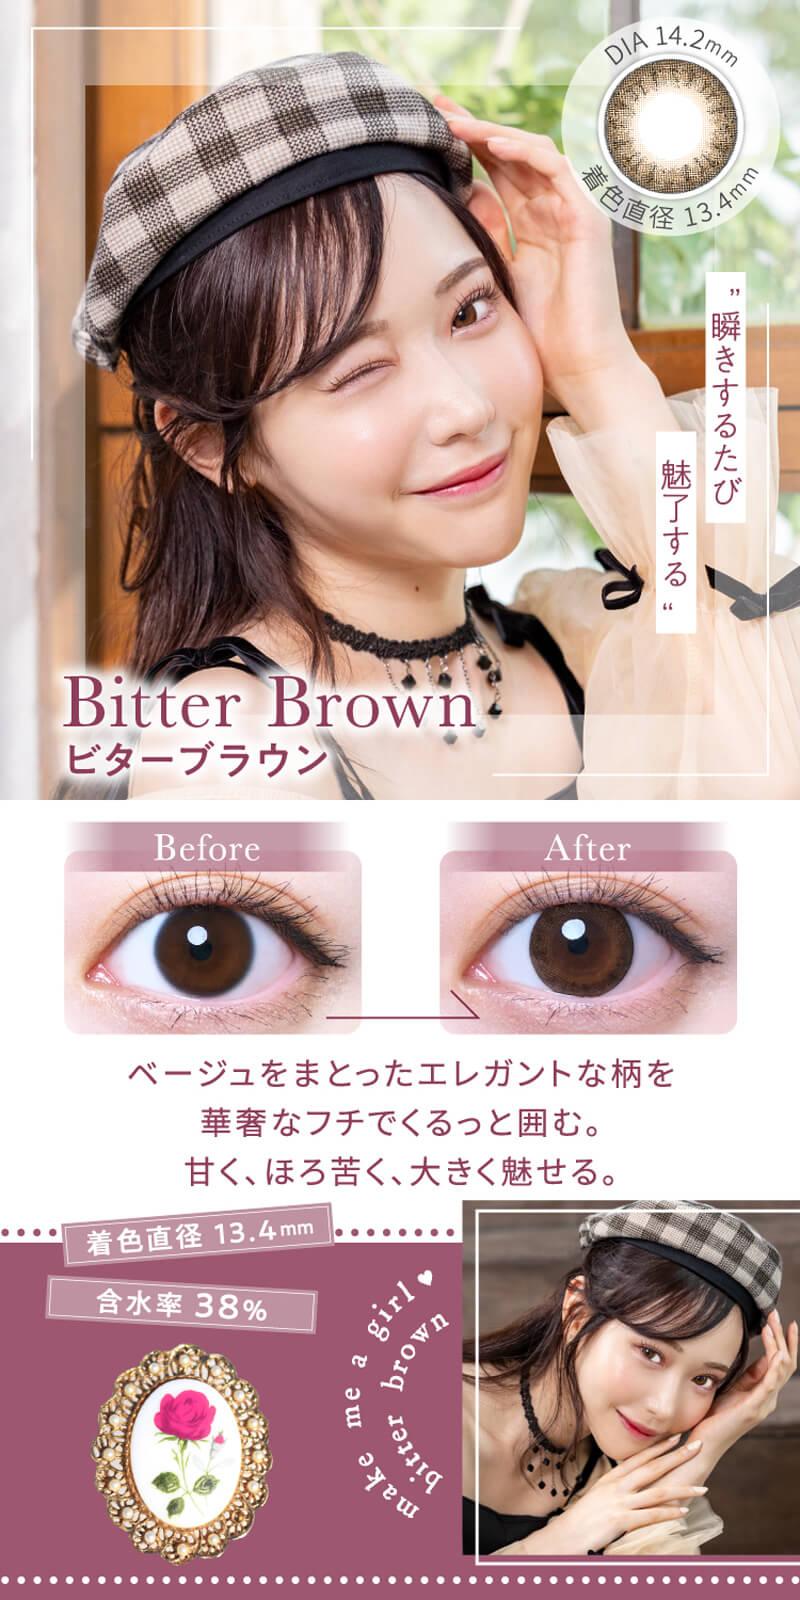 エレベル(elebelle)カラコンはn乃木坂46の齋藤飛鳥さんイメージモデルのナチュラルカラコン、ビターブラウン